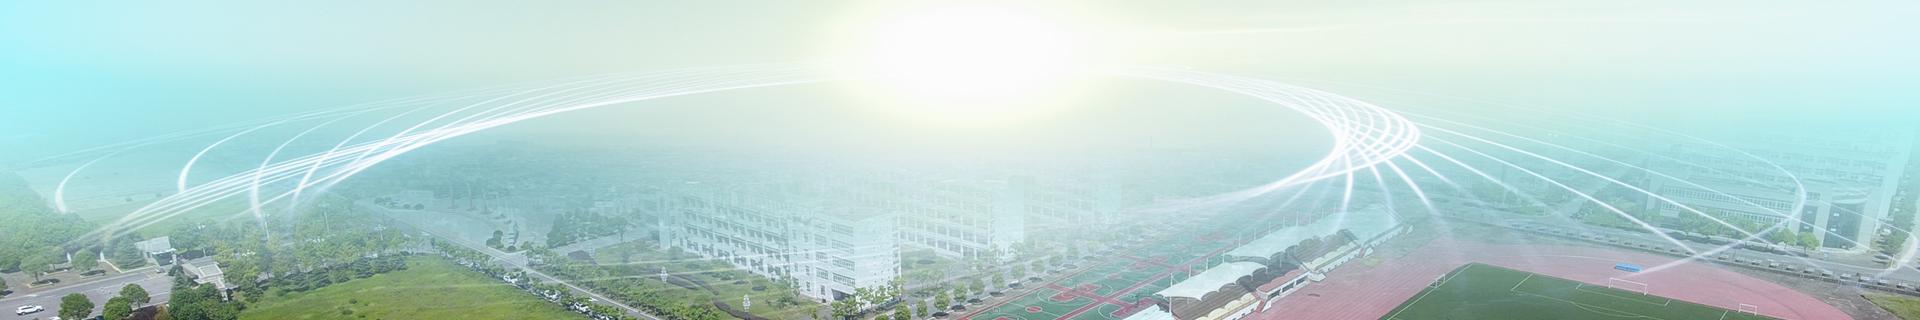 香港内幕一肖一码官网网络加速未来学校